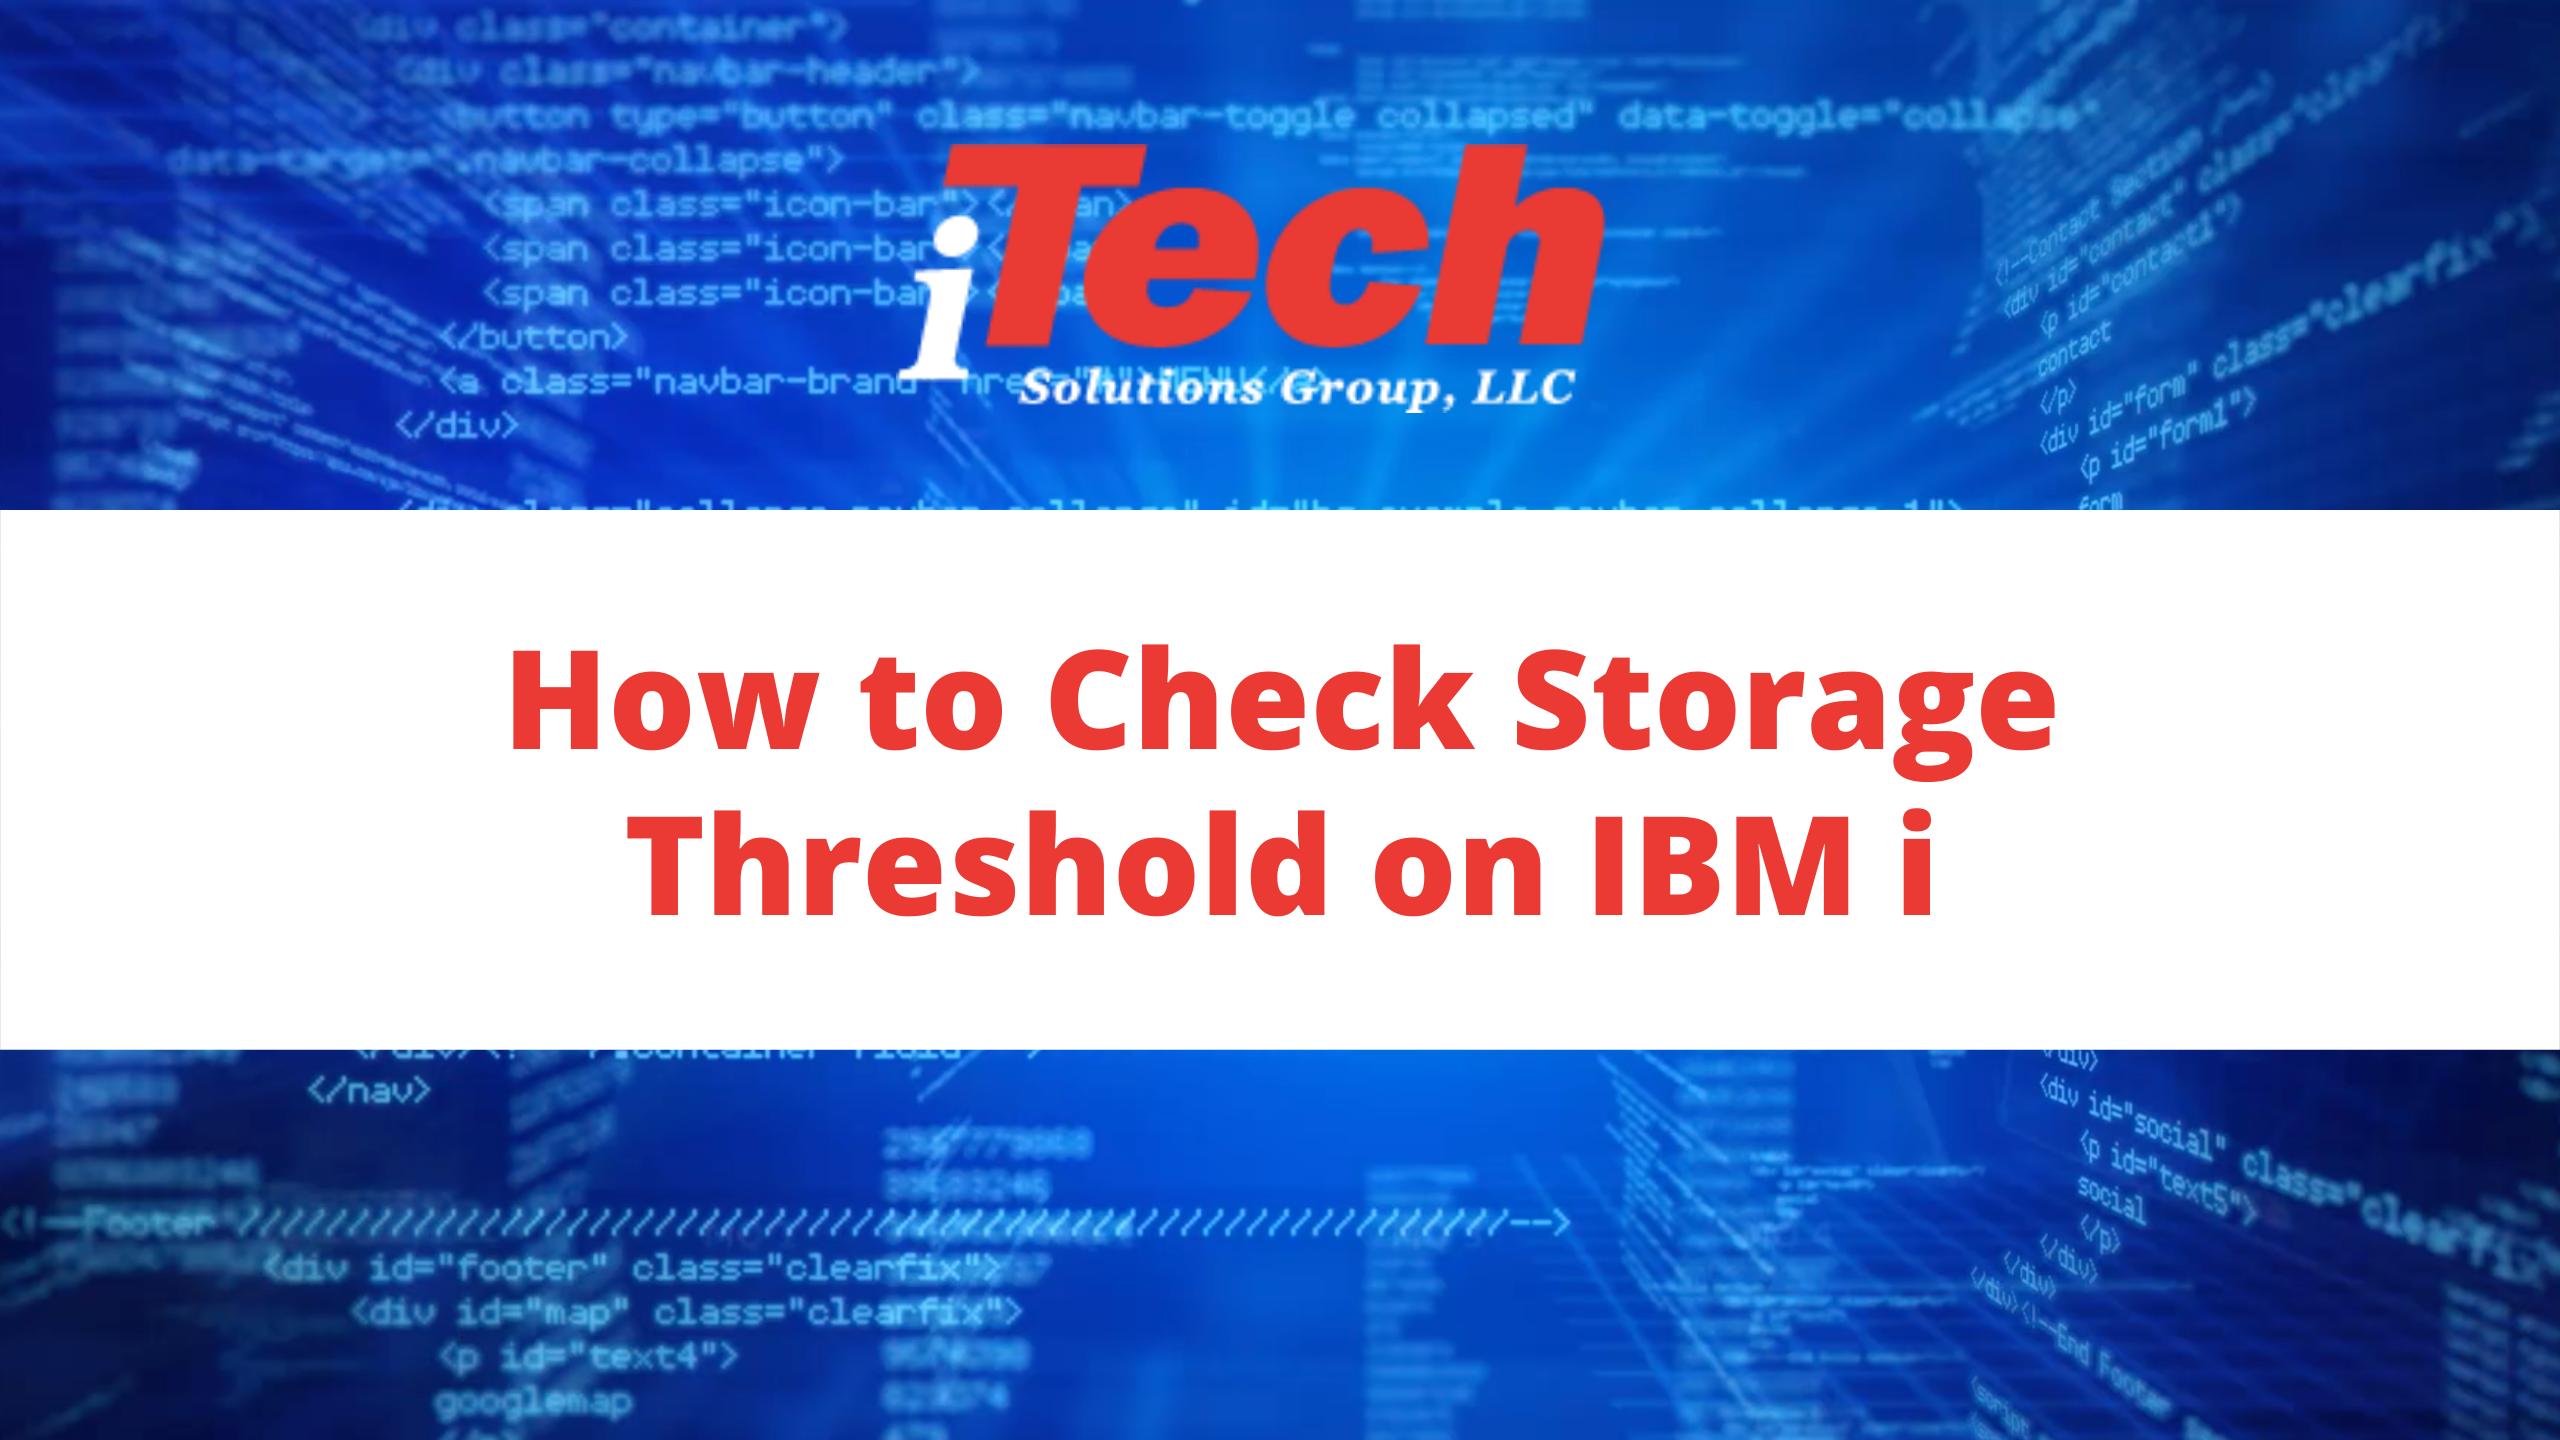 How to Check Storage Threshold on IBM i